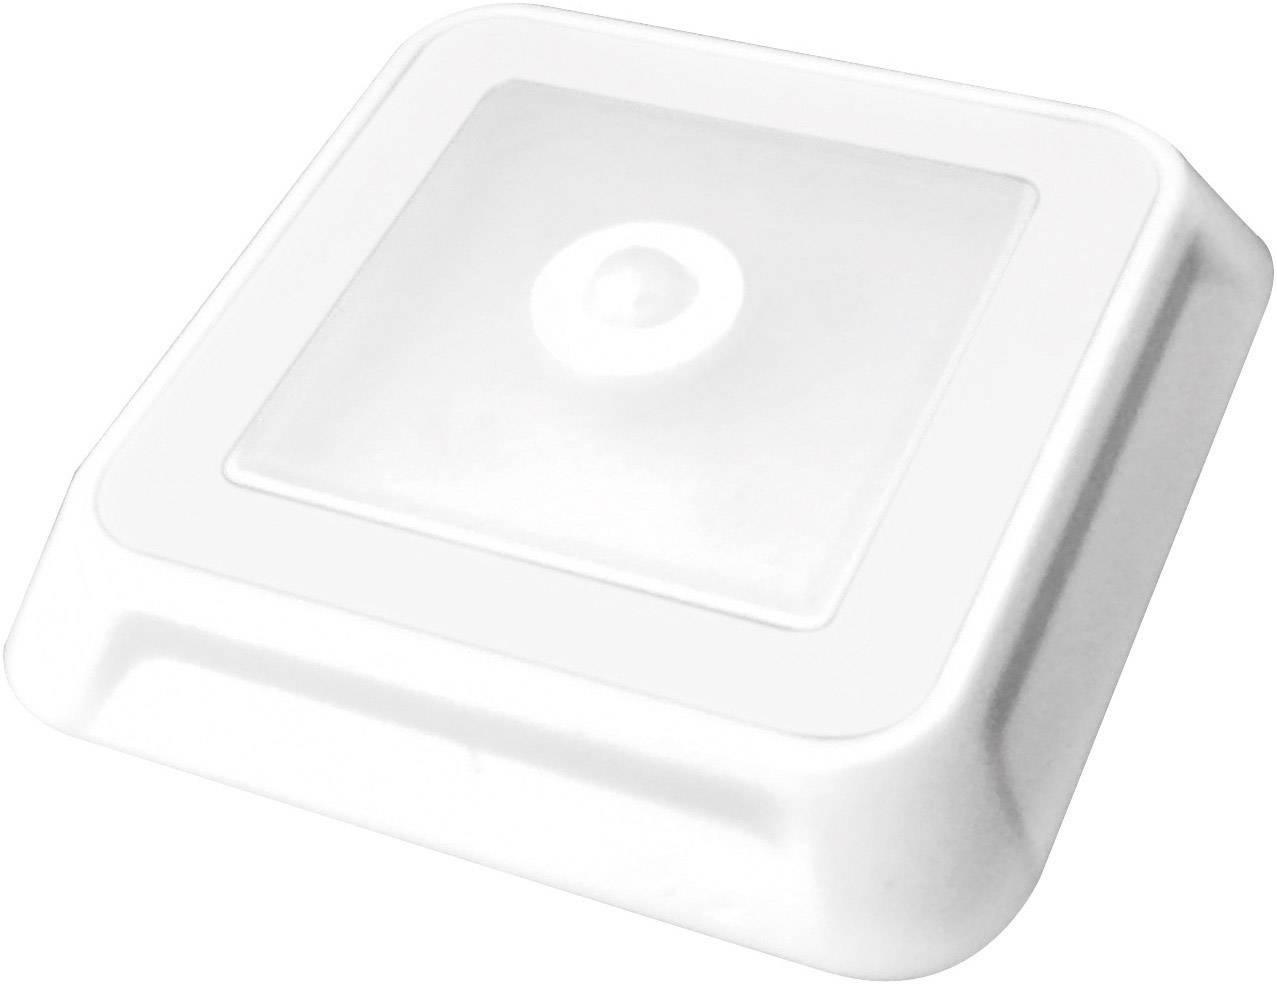 LED podhľadové svetlo s PIR senzorom Müller Licht LED Leuchte 4eck 57014, 0.5 W, 8.8 cm, neutrálne biela, biela